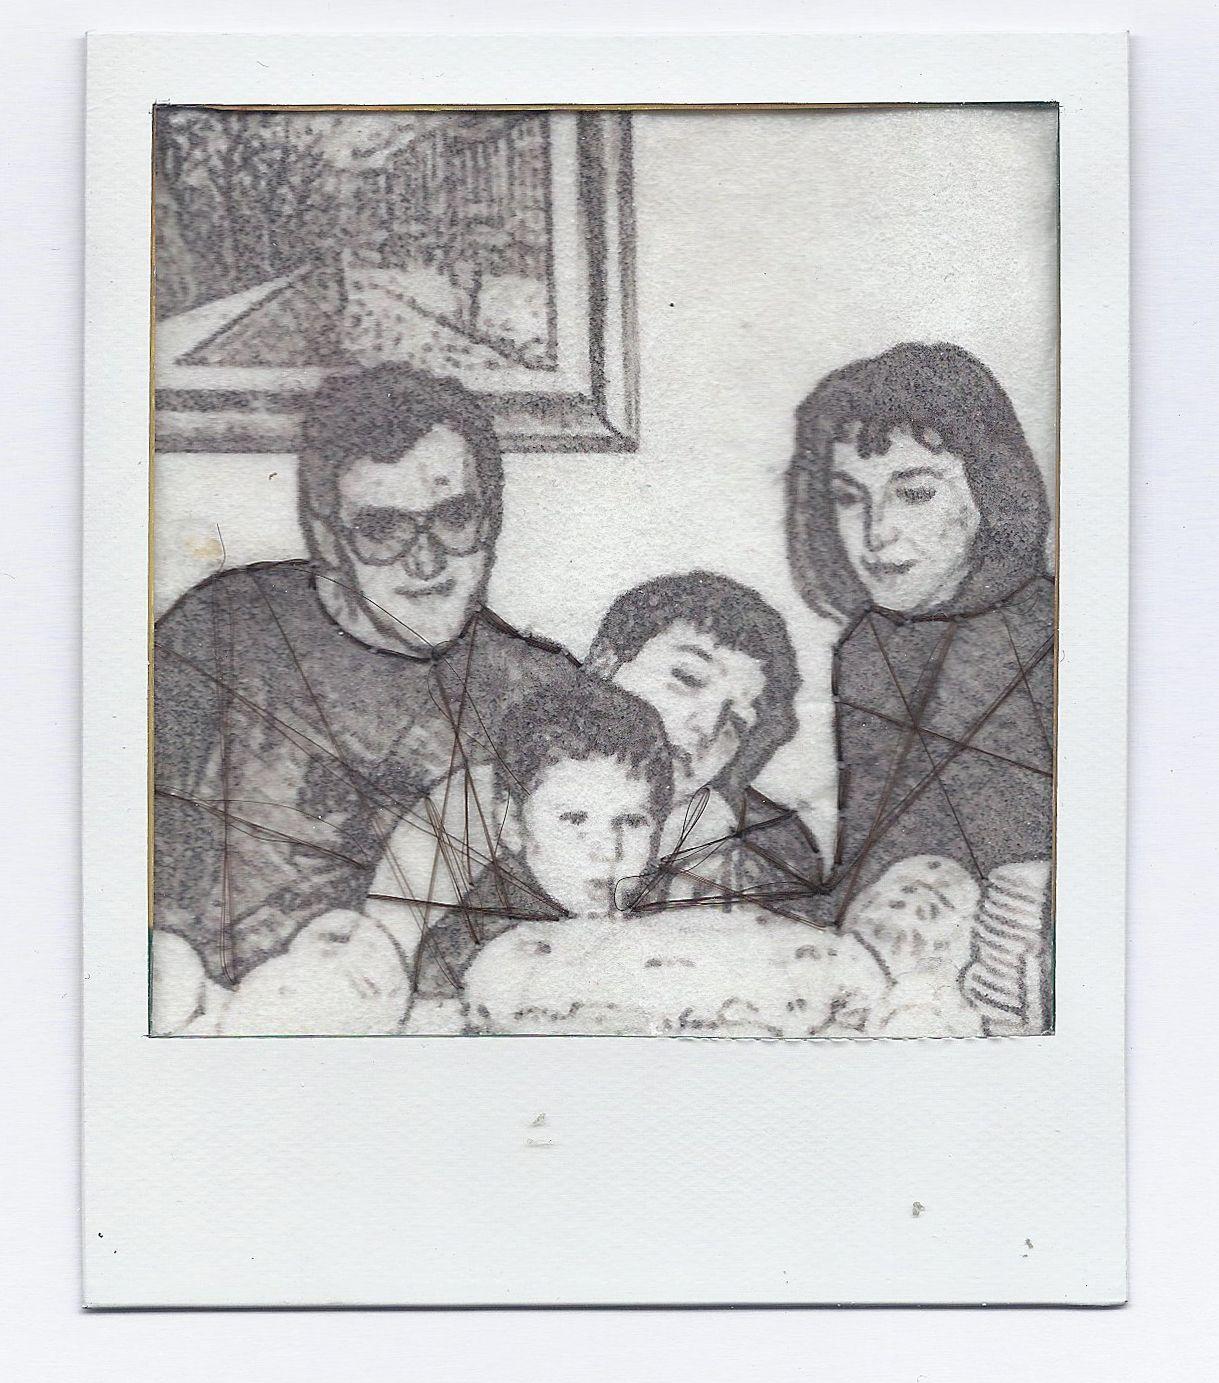 ELENA SAMMARCHI Hair's embroyderies in Polaroid - Foto digitale con effetto sketch, stampata su carta giapponese. Ricamo con capelli veri e pellicola polaroid.  2014